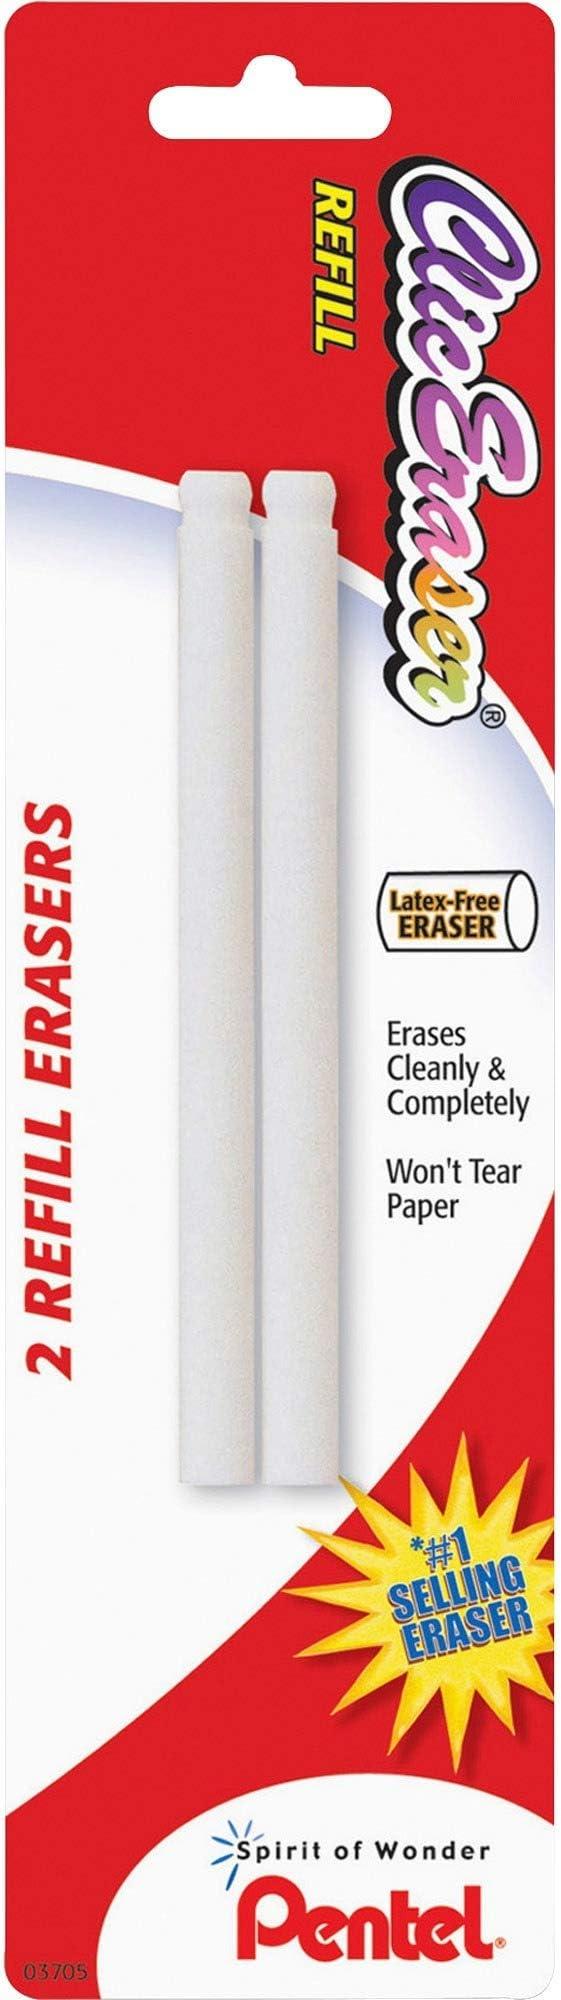 2//PK Sold as 1 Package Eraser Refill White Nonabrasive